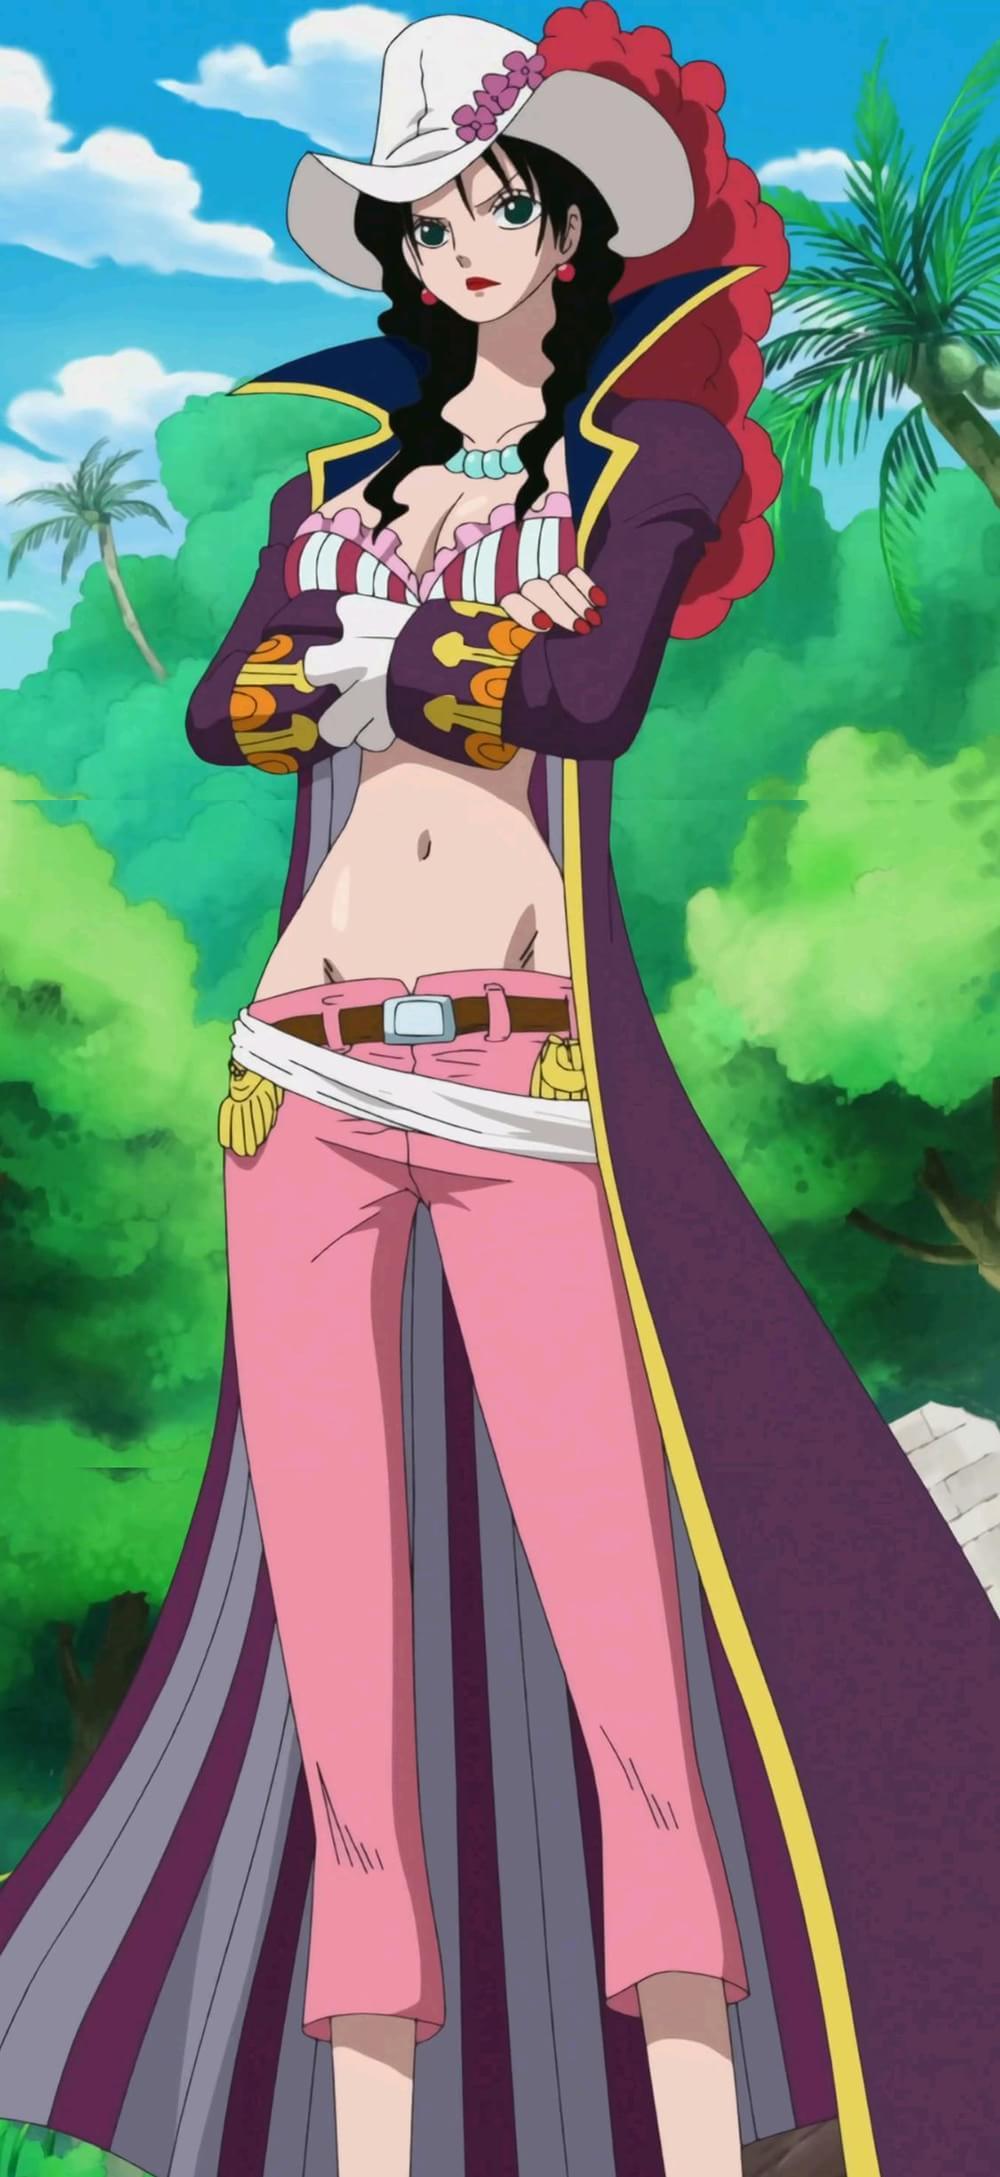 Veja novas fotos de One Piece: Pirate Warriors 3